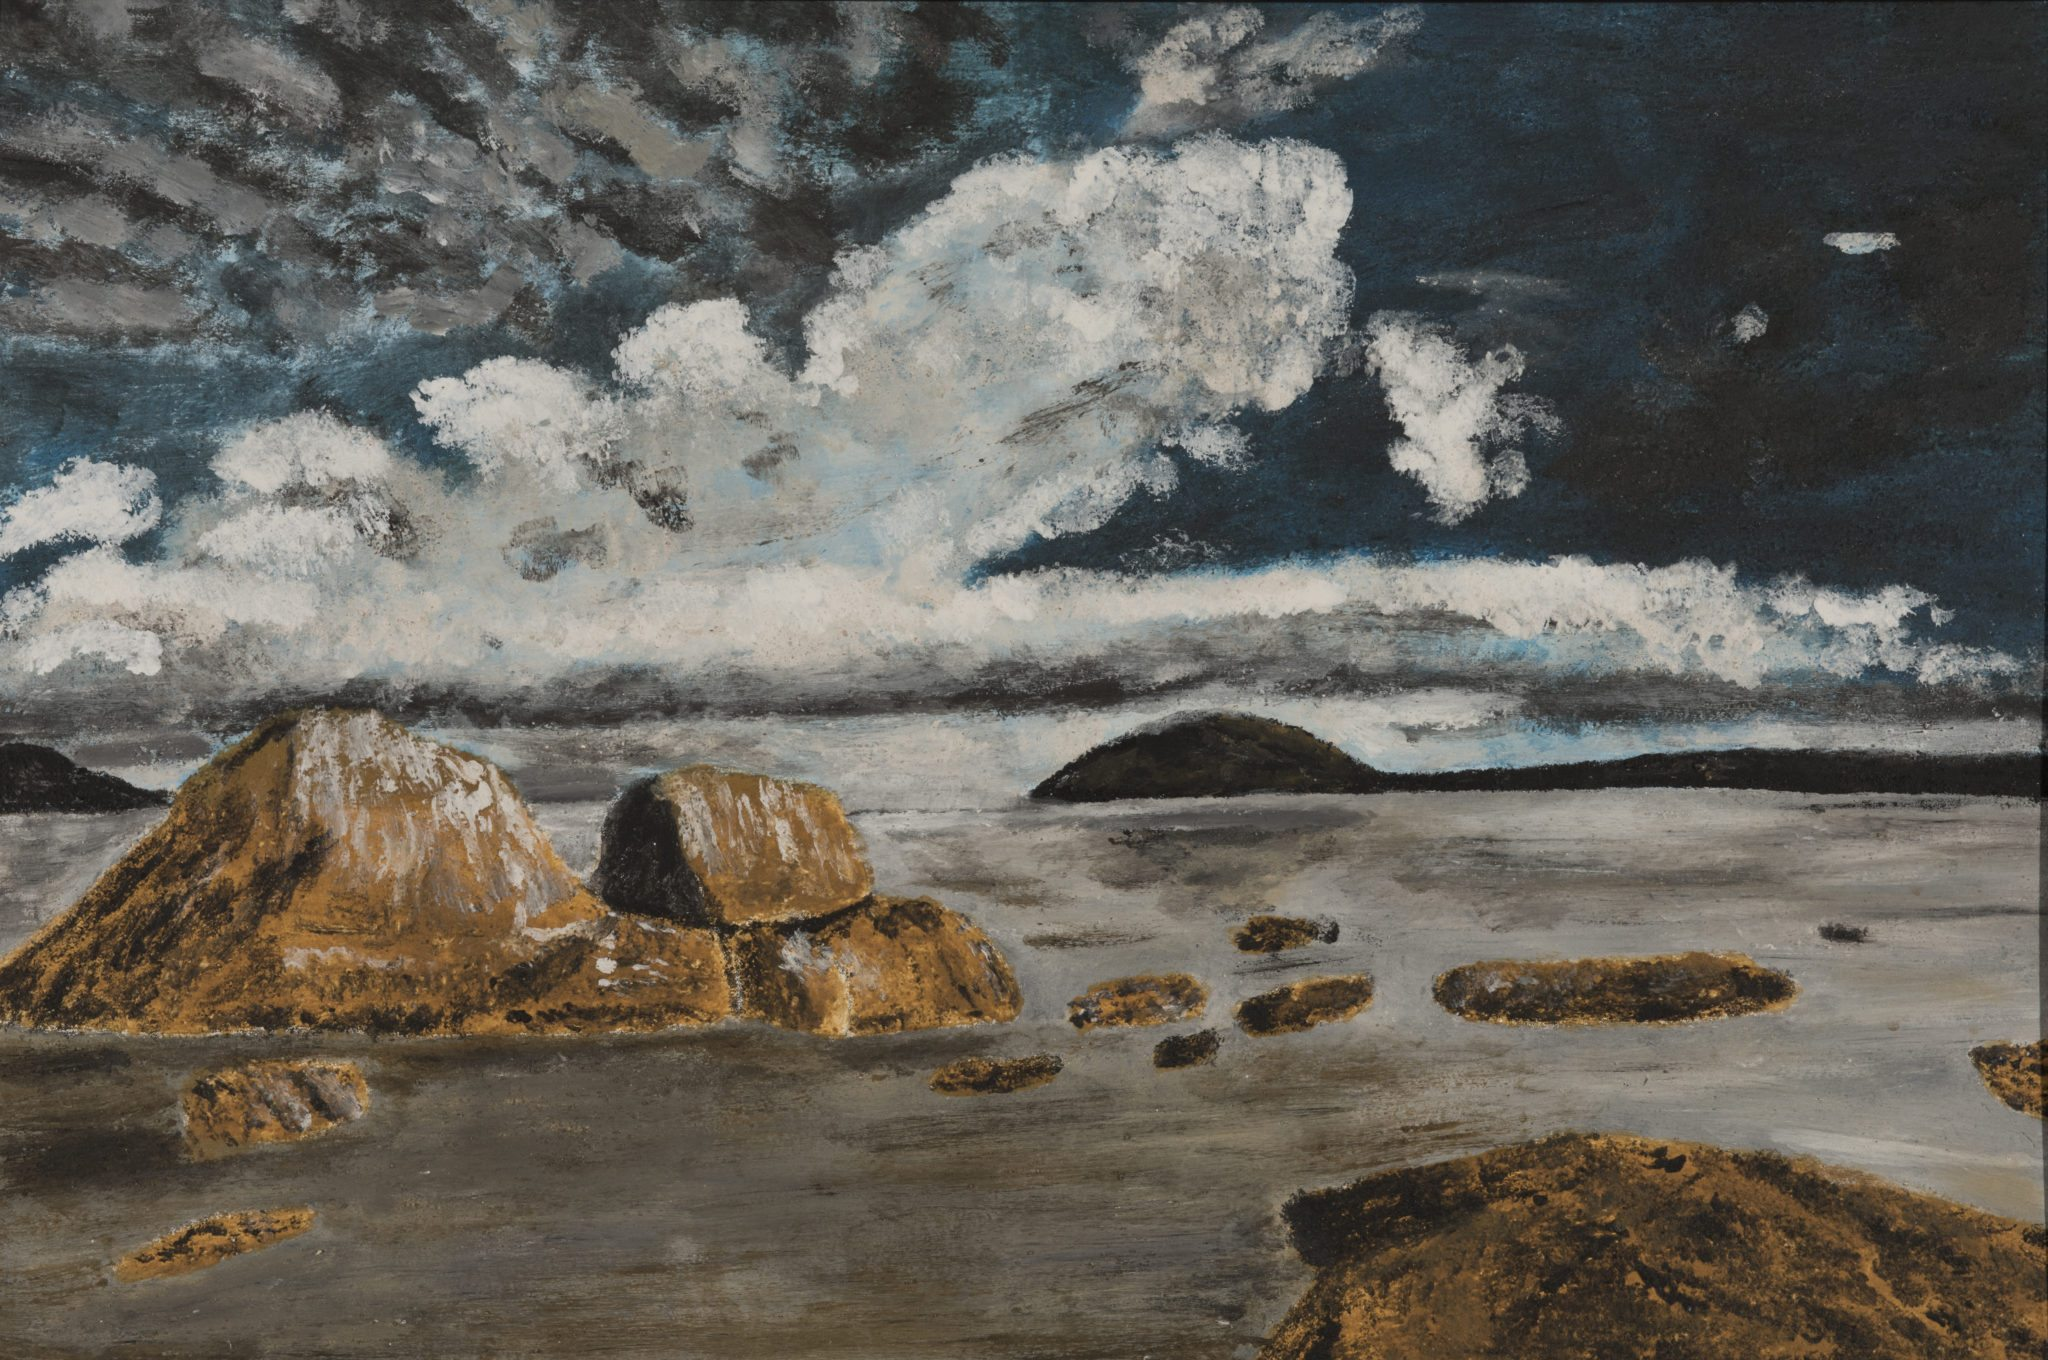 Timothy Cook, 'Kulama'